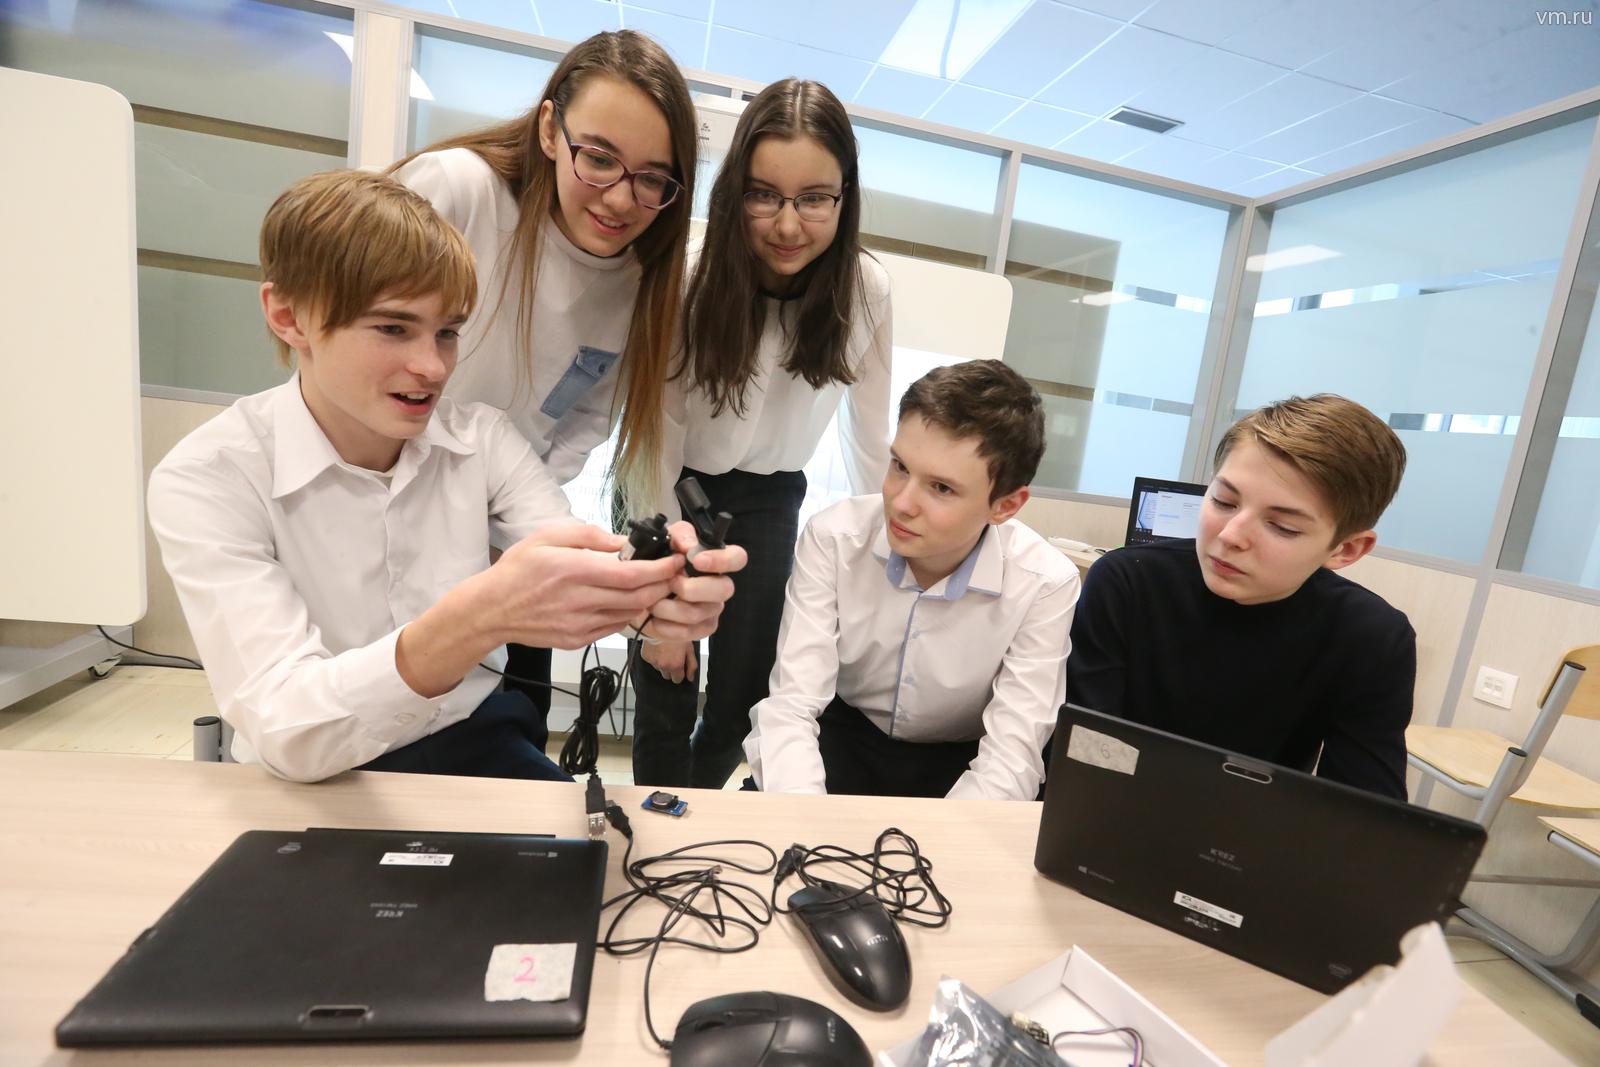 В разработке принимают участие ученики инженерных классов столичных школ